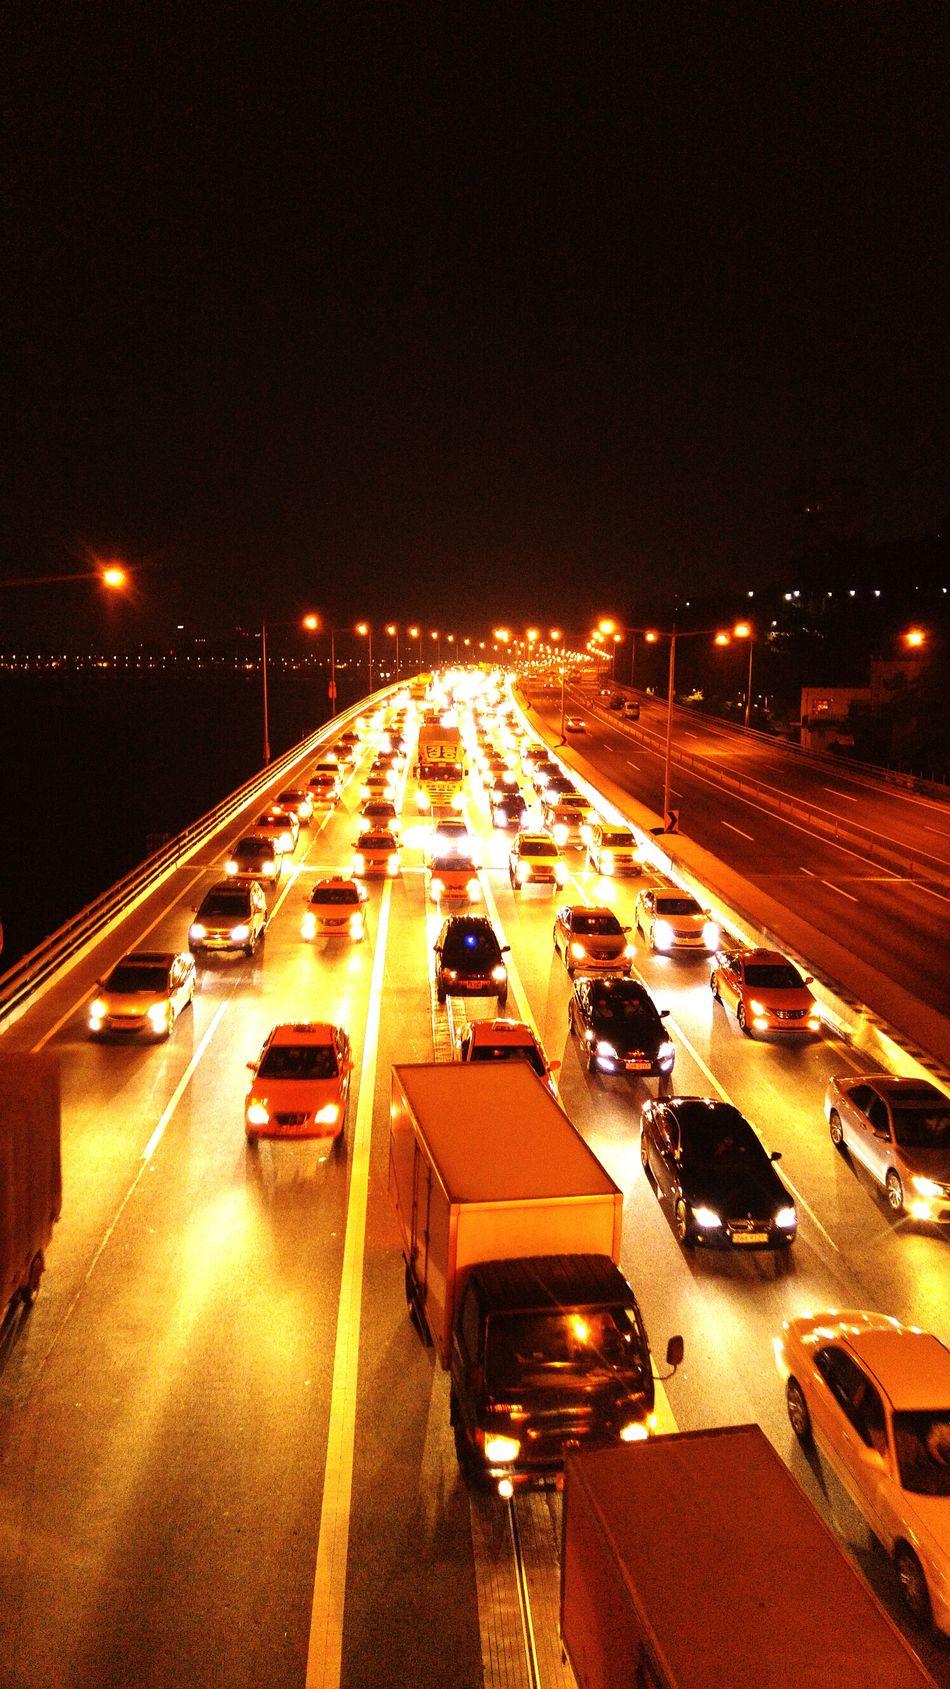 올림픽대로 Nightphotography Streetphotography